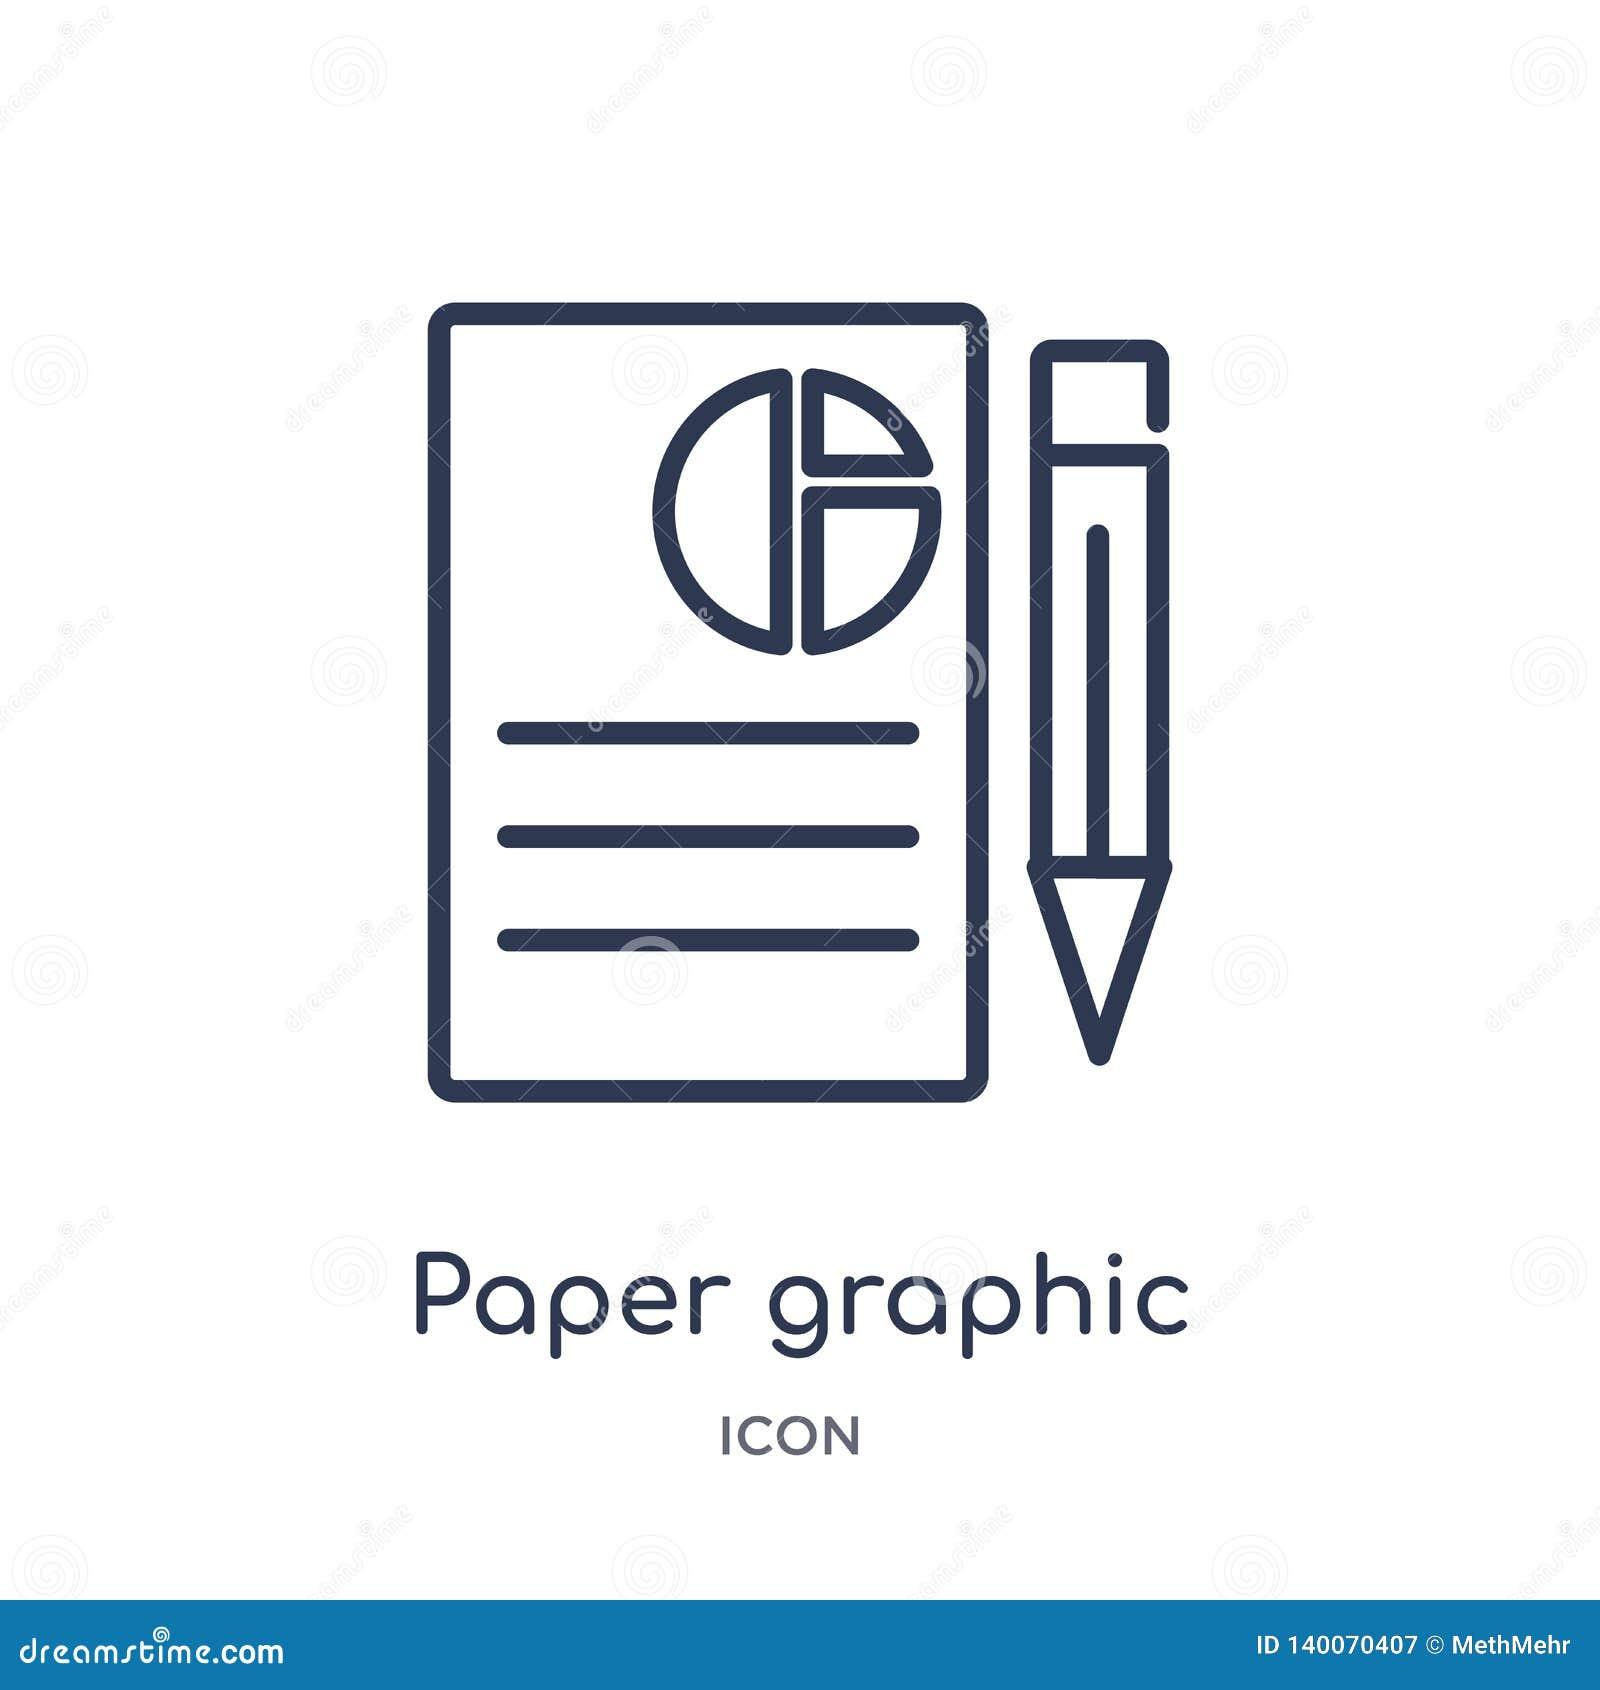 Ícone gráfico de papel linear da coleção do esboço do negócio Linha fina ícone gráfico do papel isolado no fundo branco Papel